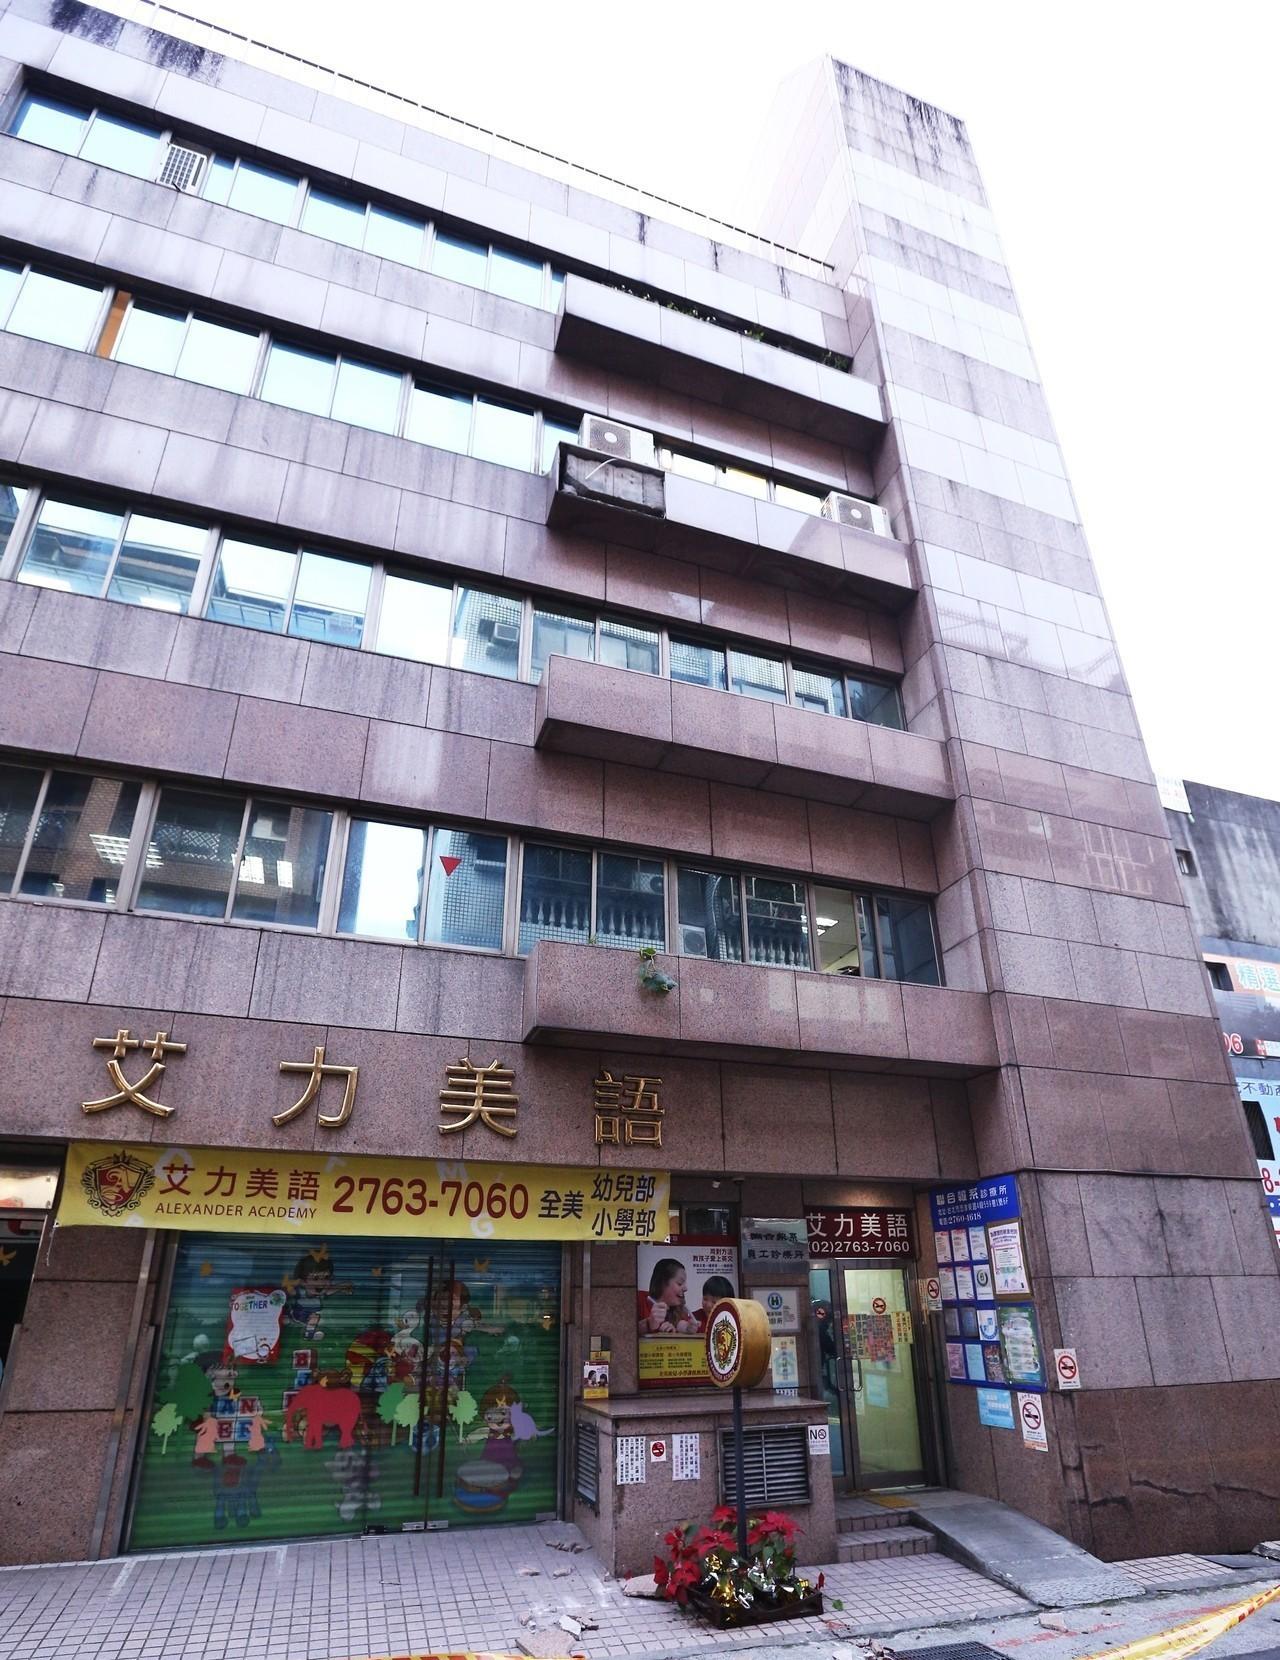 台北市忠孝東路四段559巷一大樓,曾發生磁磚掉落意外。圖/聯合報系資料照片